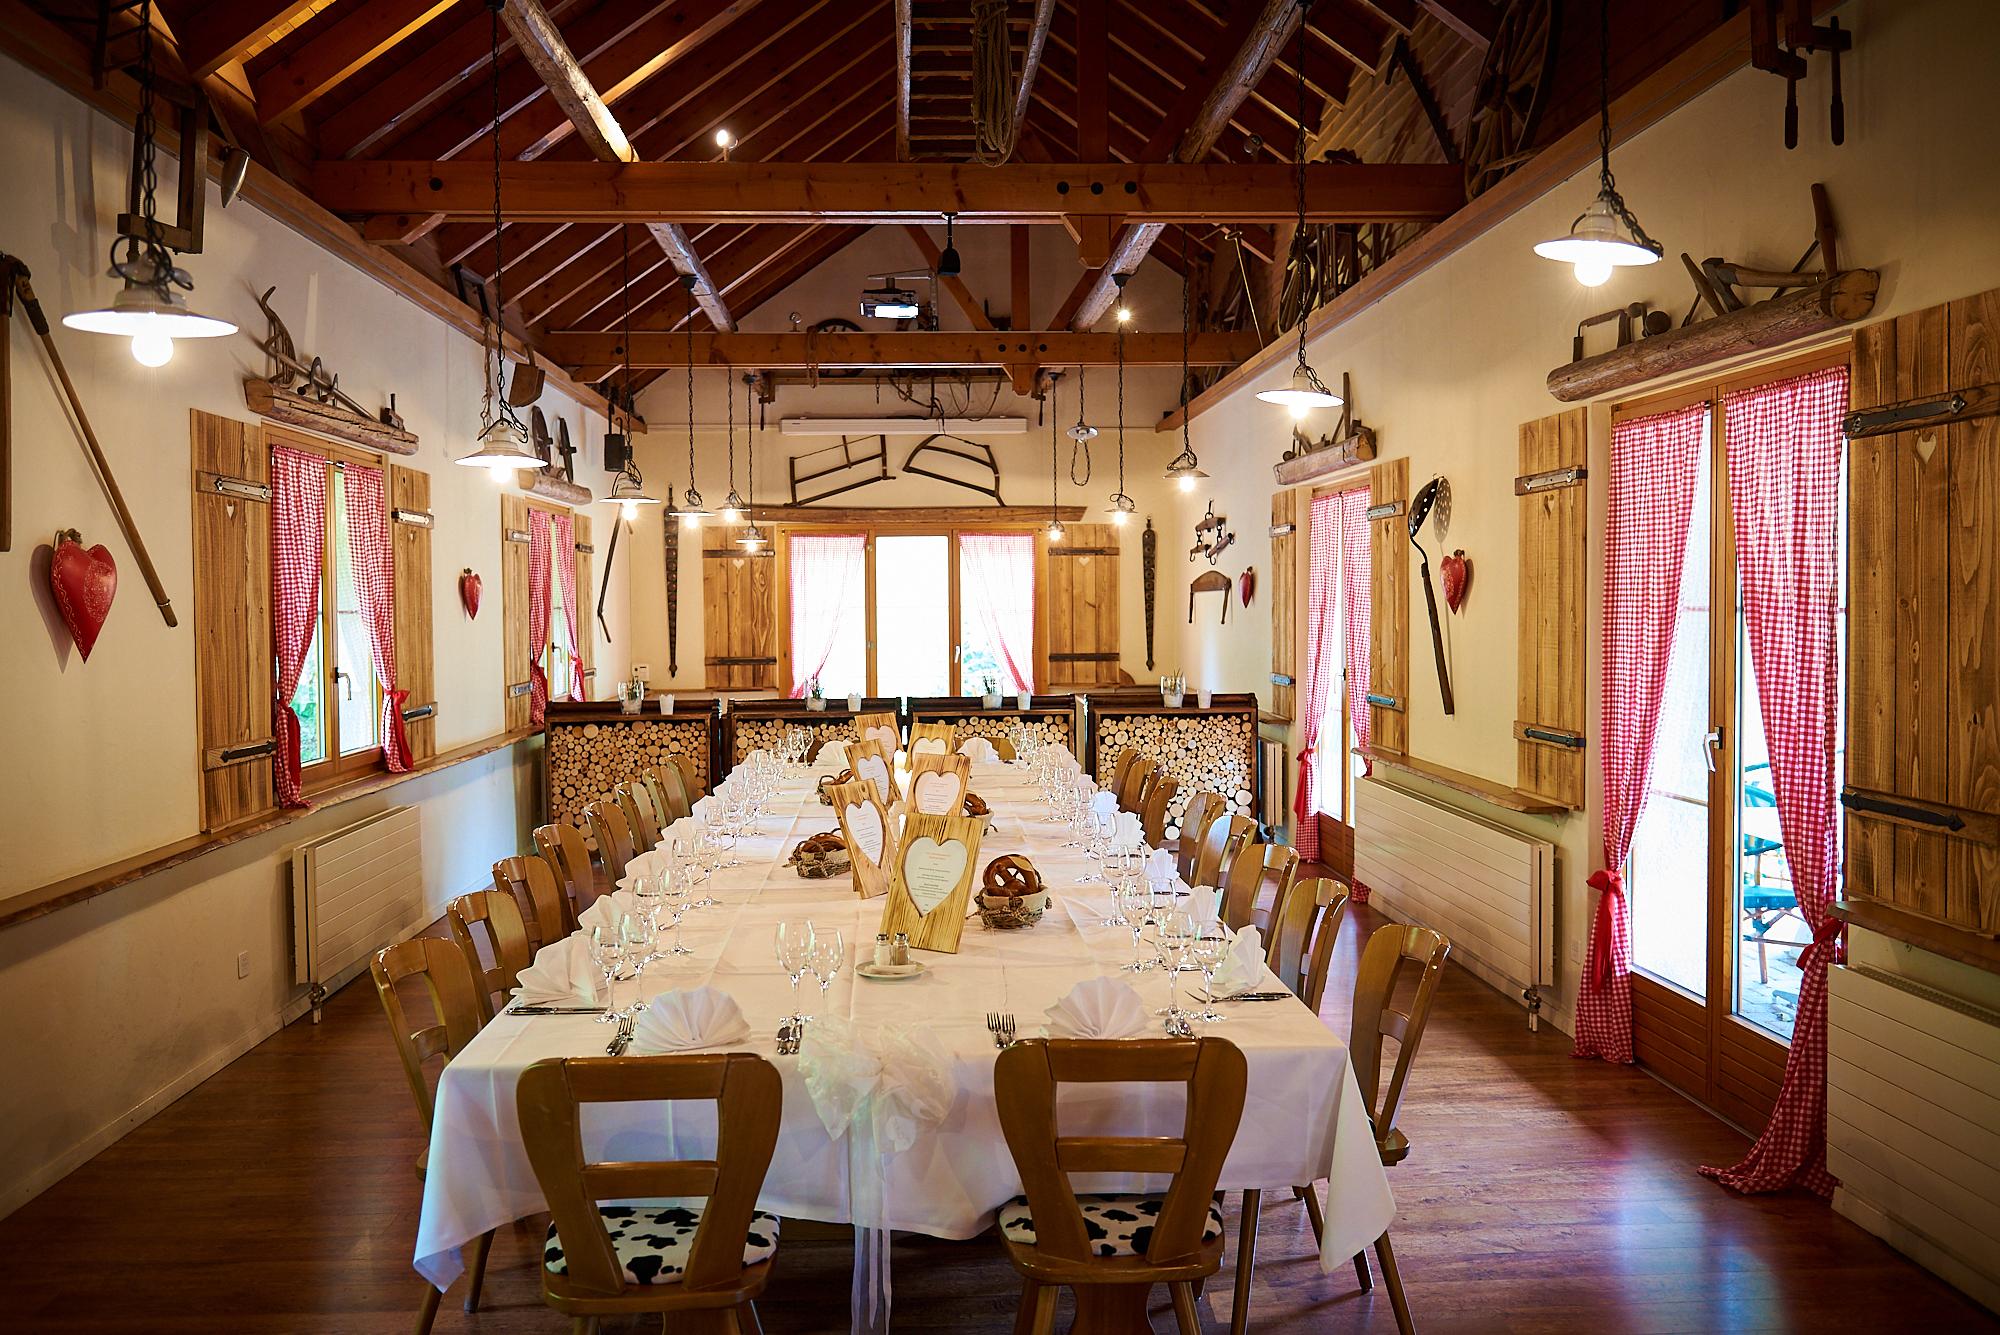 Rumpelsaal - Für grössere Gruppen, Vorträge, Events oder Seminare.Kapaziät: 80 Personen10er oder 12er Reihen bis 40 Personen BlocktischAb 30 Personen wird der Raum exklusiv vergeben.